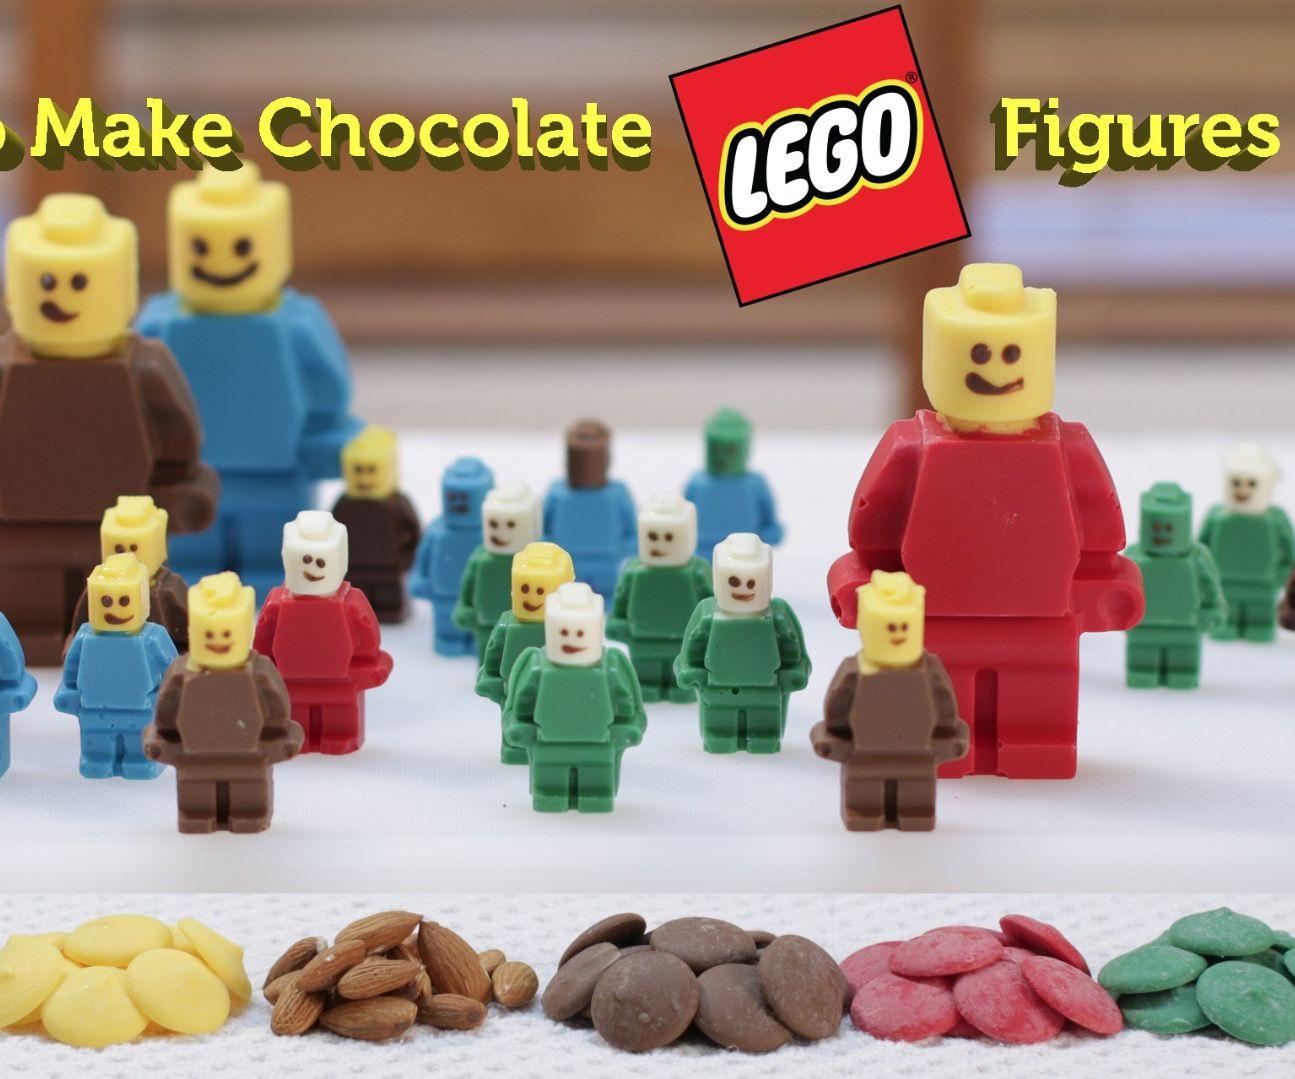 Chocolate Lego Figures